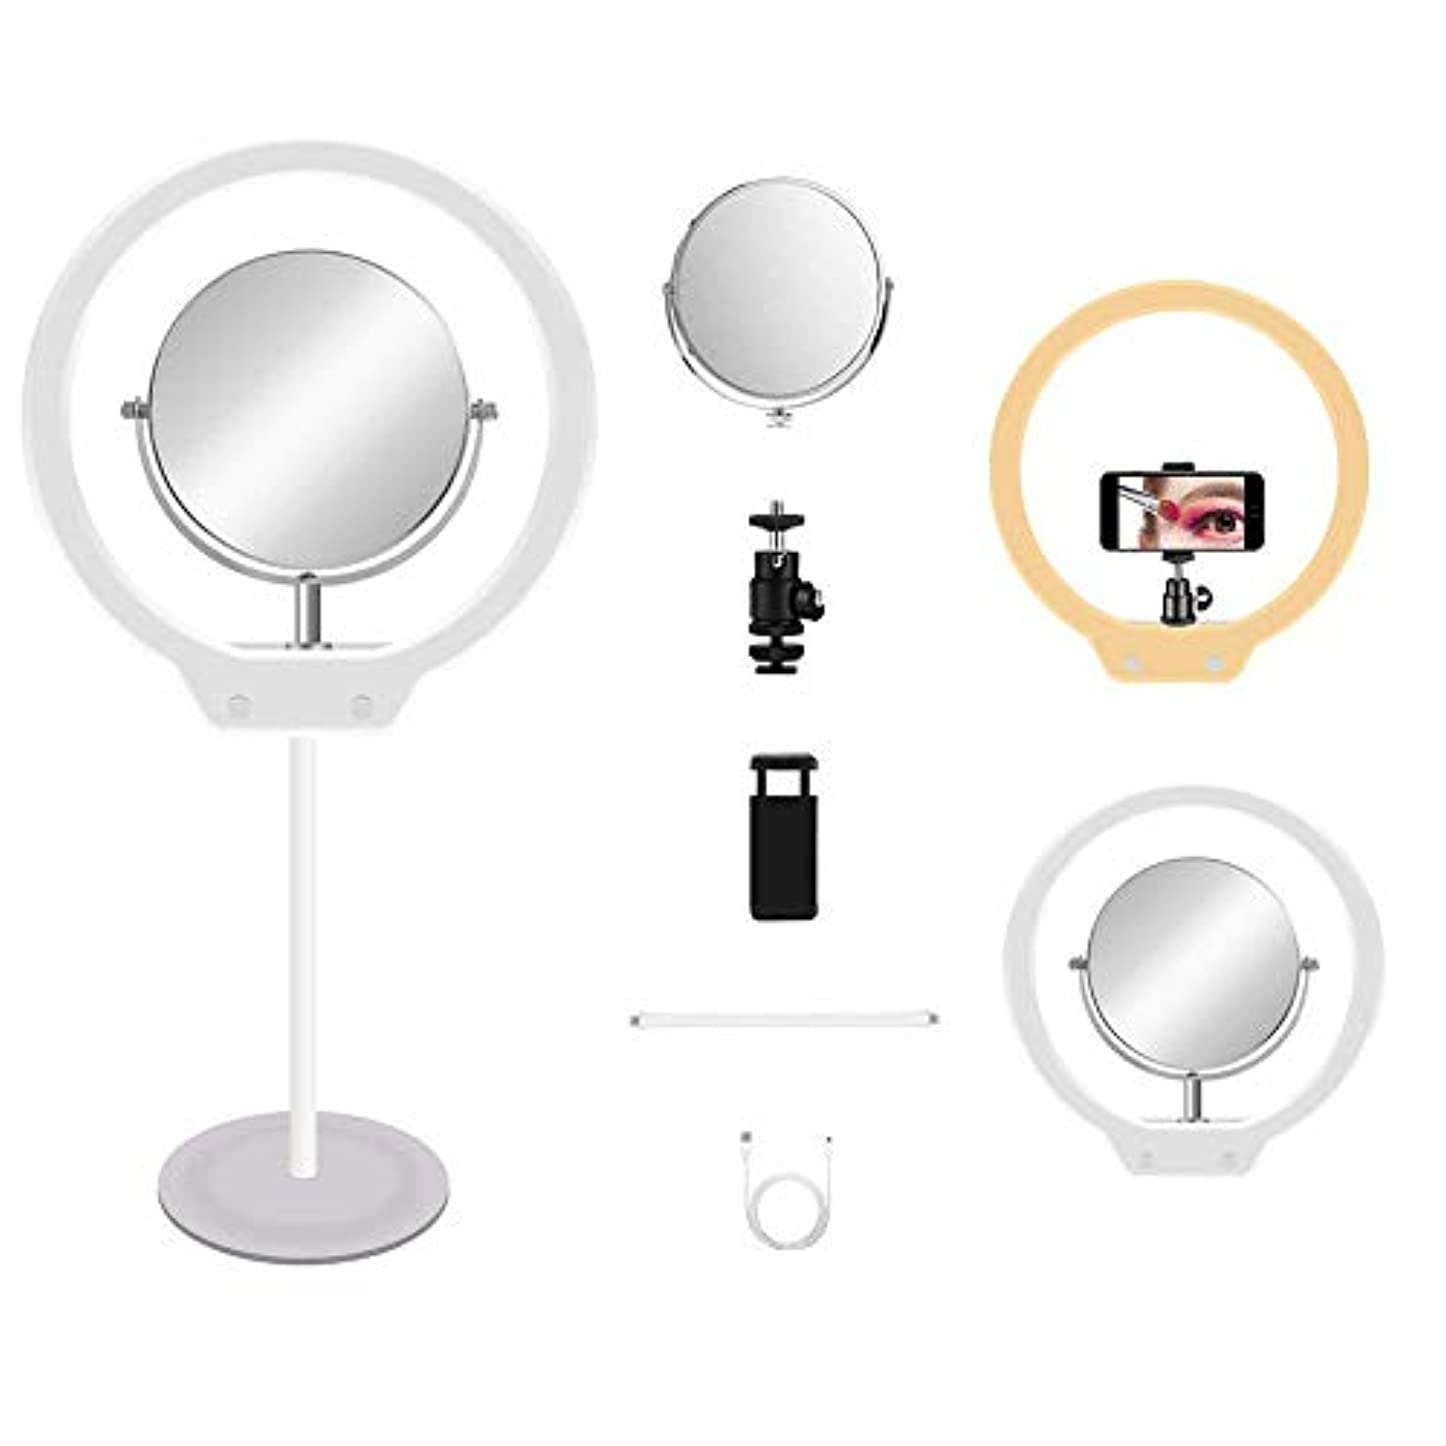 グリーンランドリーフレットそれぞれMount Dog 撮影 照明 led 撮影 LEDリングライト ミニ卓上ビデオライトスタンド 鏡付き スマホホルダー付き 3色モード USBライト 外径10in